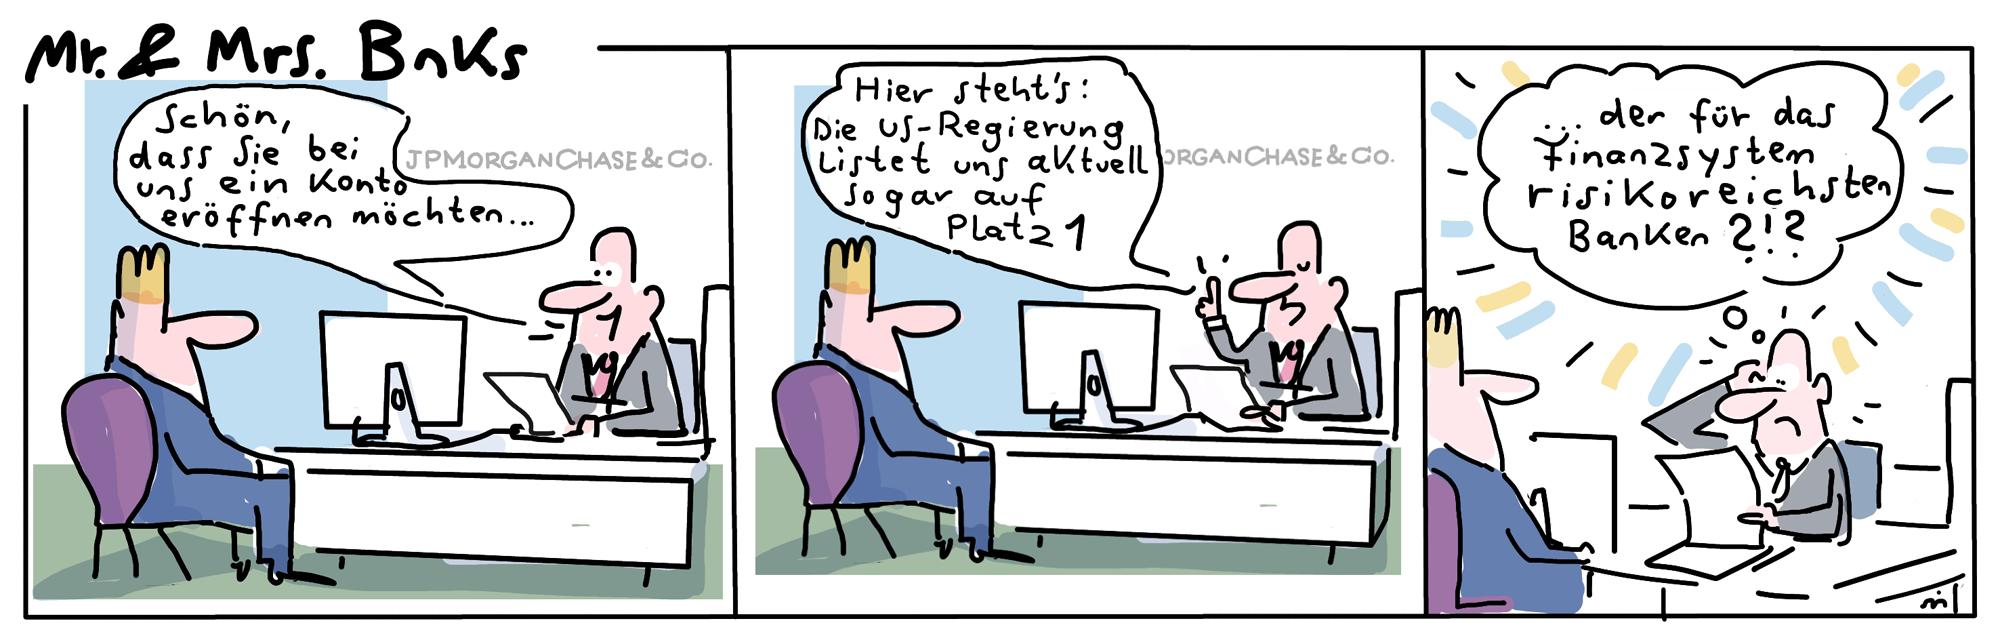 Mr-Mrs-Bnks-JPMorgan